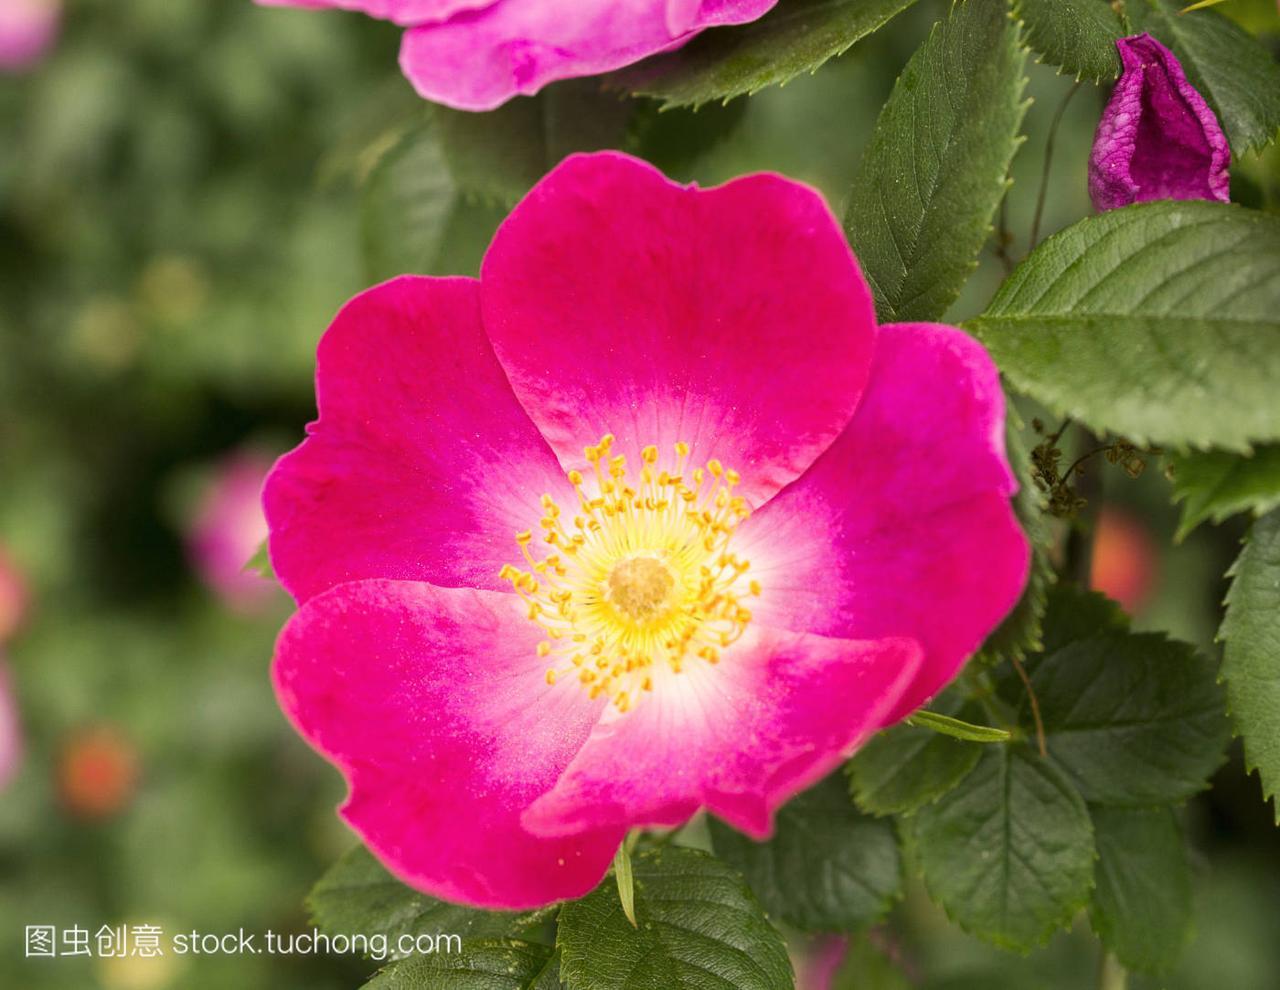 蜂,bumblebee,开花,Bloom,盛开,blossom,茂盛,作文鲸鱼英语作文图片